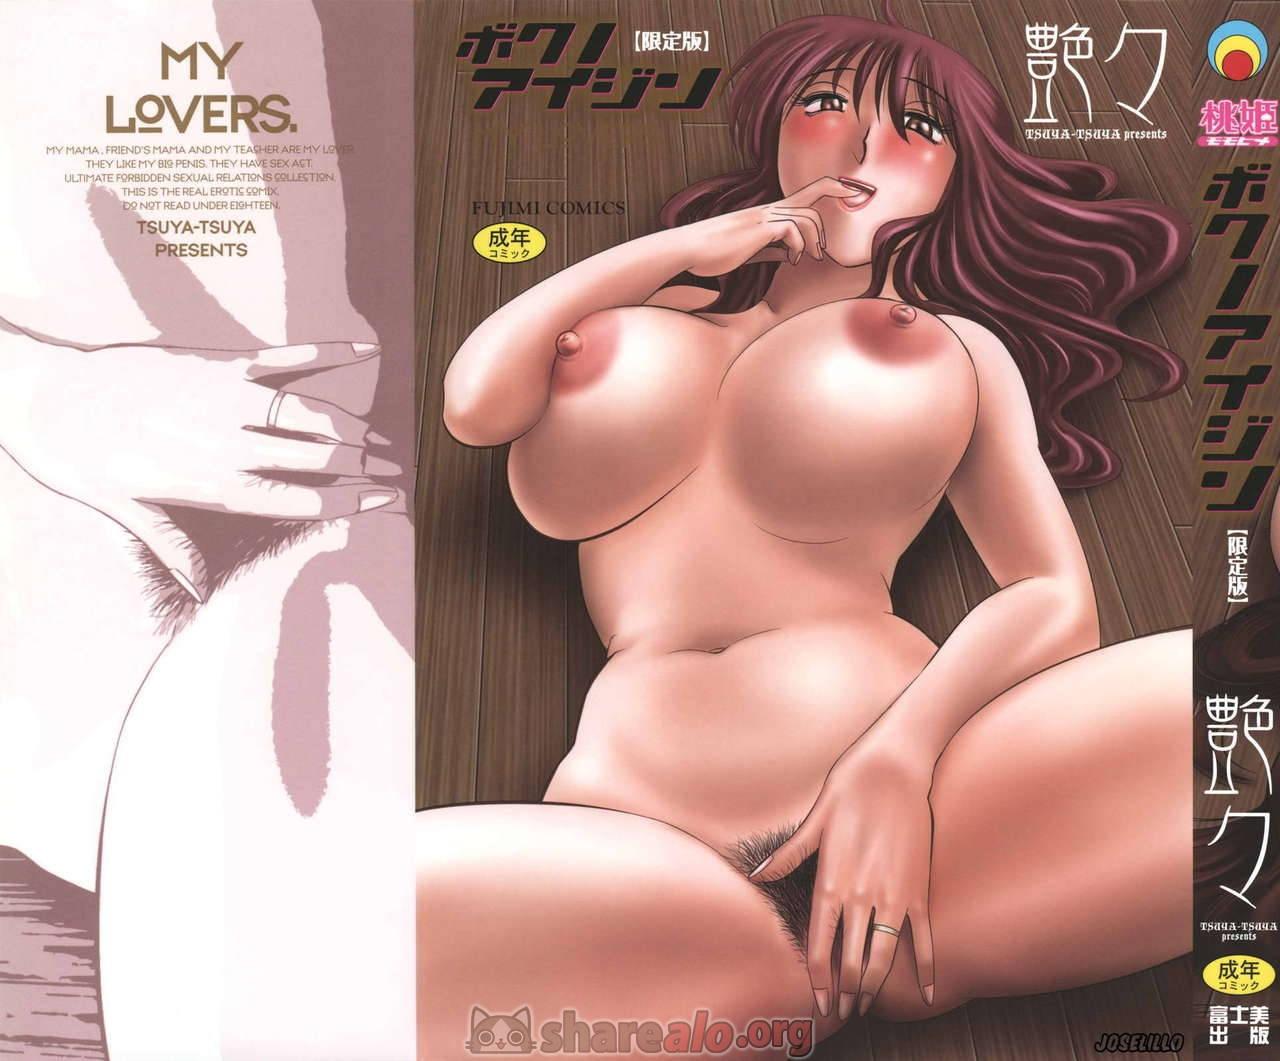 [ Boku no Aijin Manga Hentai de TsuyaTsuya ]: Comics Porno Manga Hentai [ a8gLAv1y ]